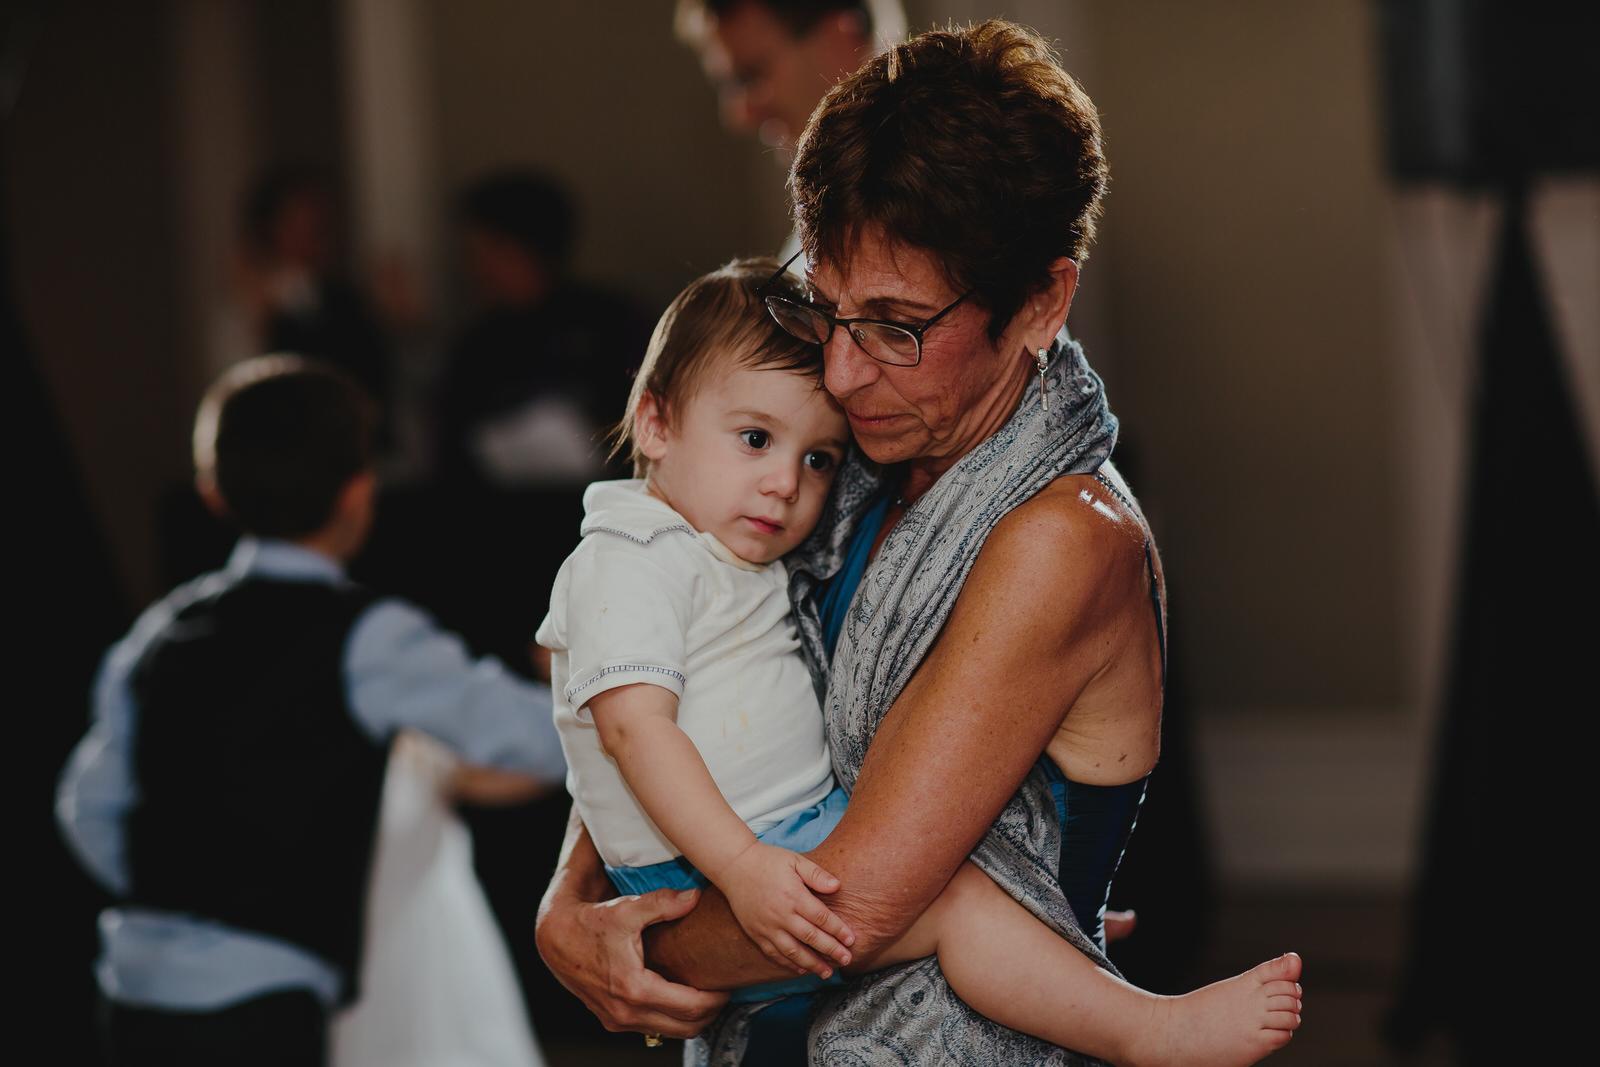 tiny_house_photo_wedding_photography_documentary_wedding_photojournalism.jpg